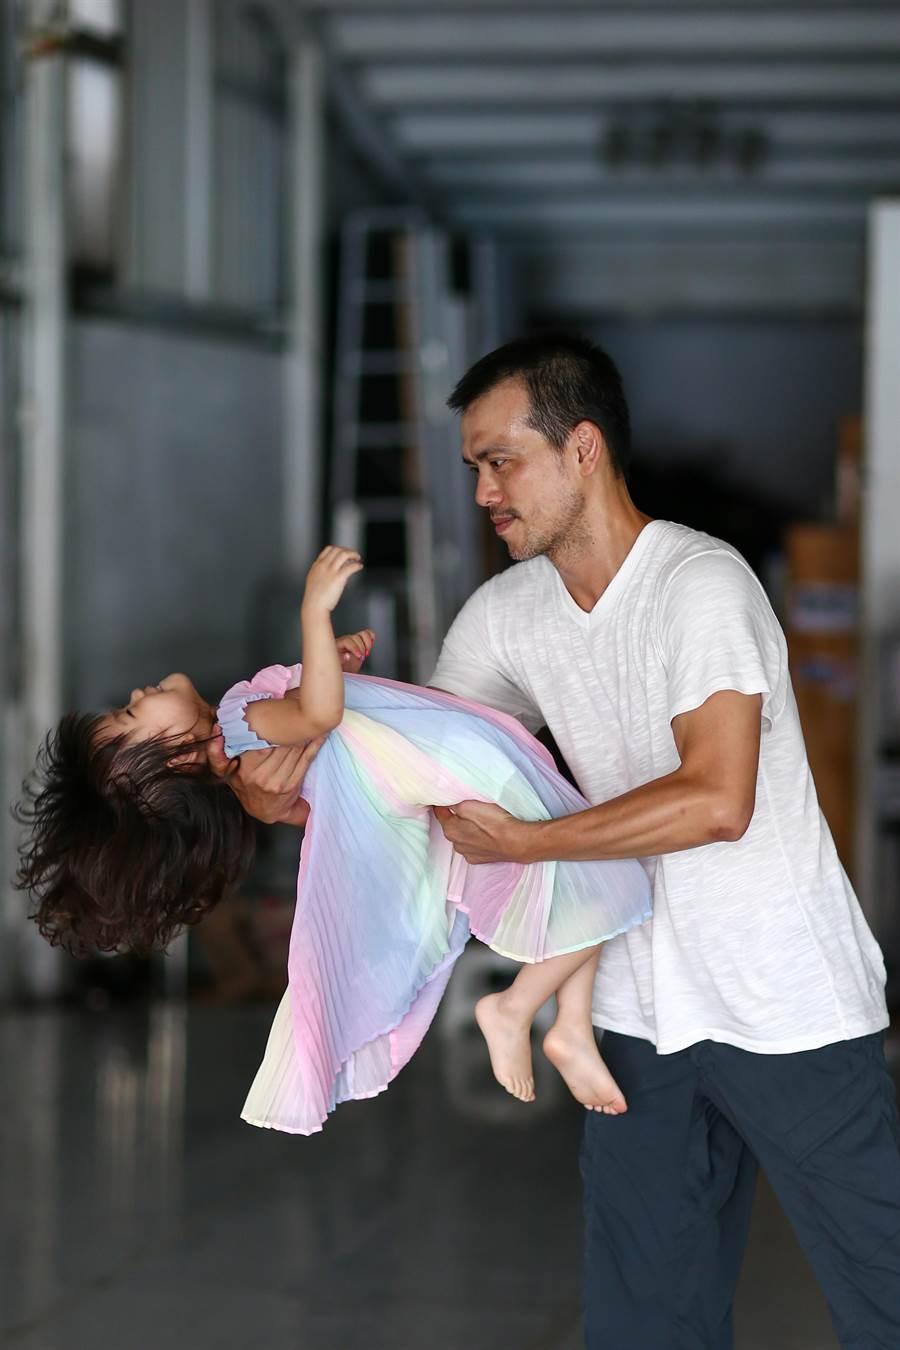 在排練場上,陳武康一手編舞,一手帶娃,很是熟練。陪女兒一起長大,是陳武康的日常生活。(鄧博仁攝)